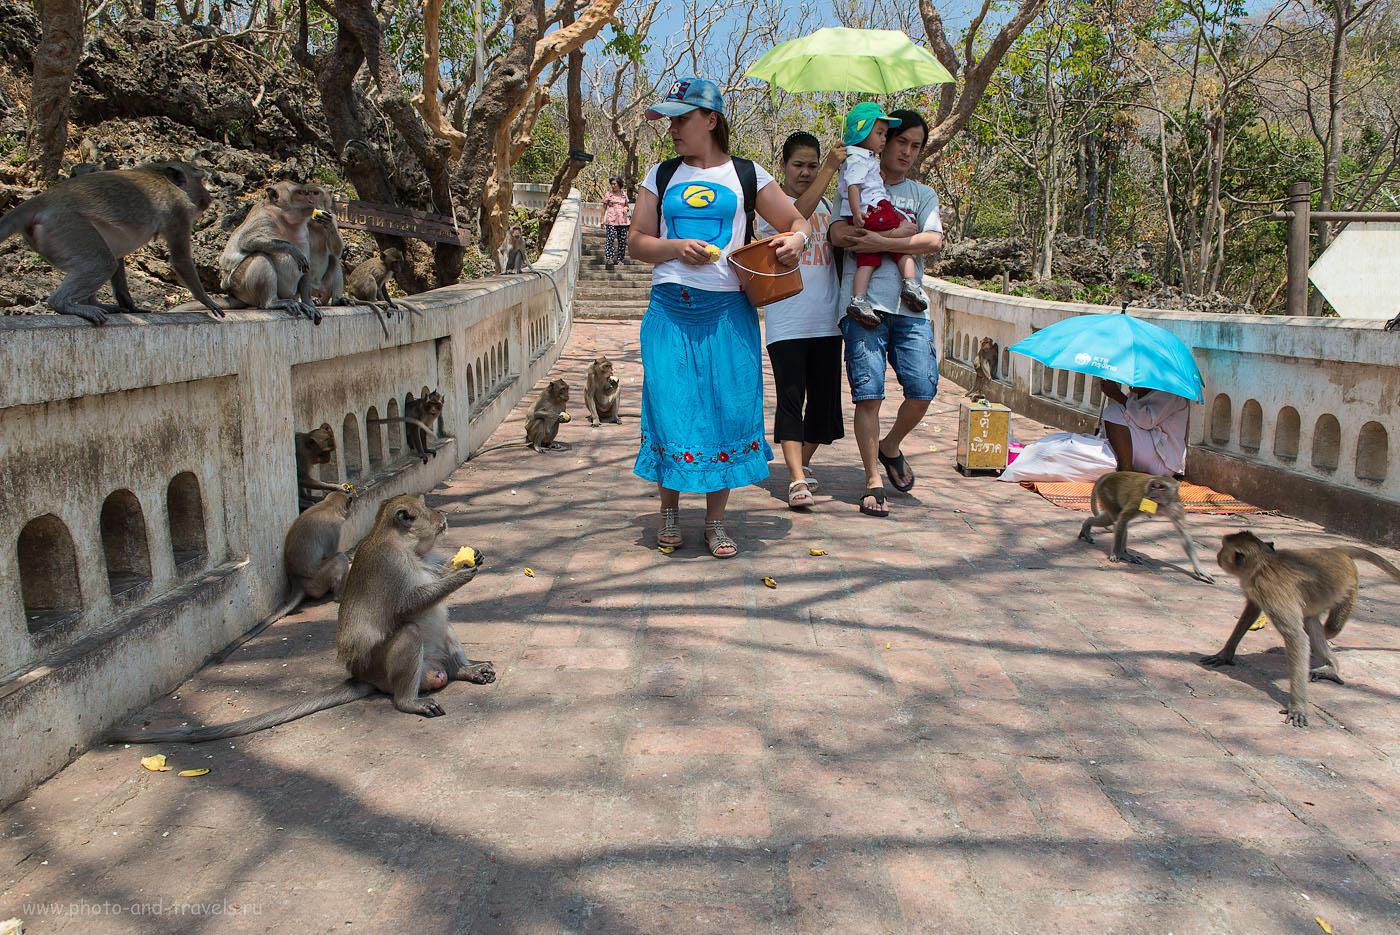 Фотография 14. Экскурсии их Хуахин. Отдых в Таиланде. Путешествие на машине. Катя - тайский Мазай... (125, 24, 9.0, 1/100)